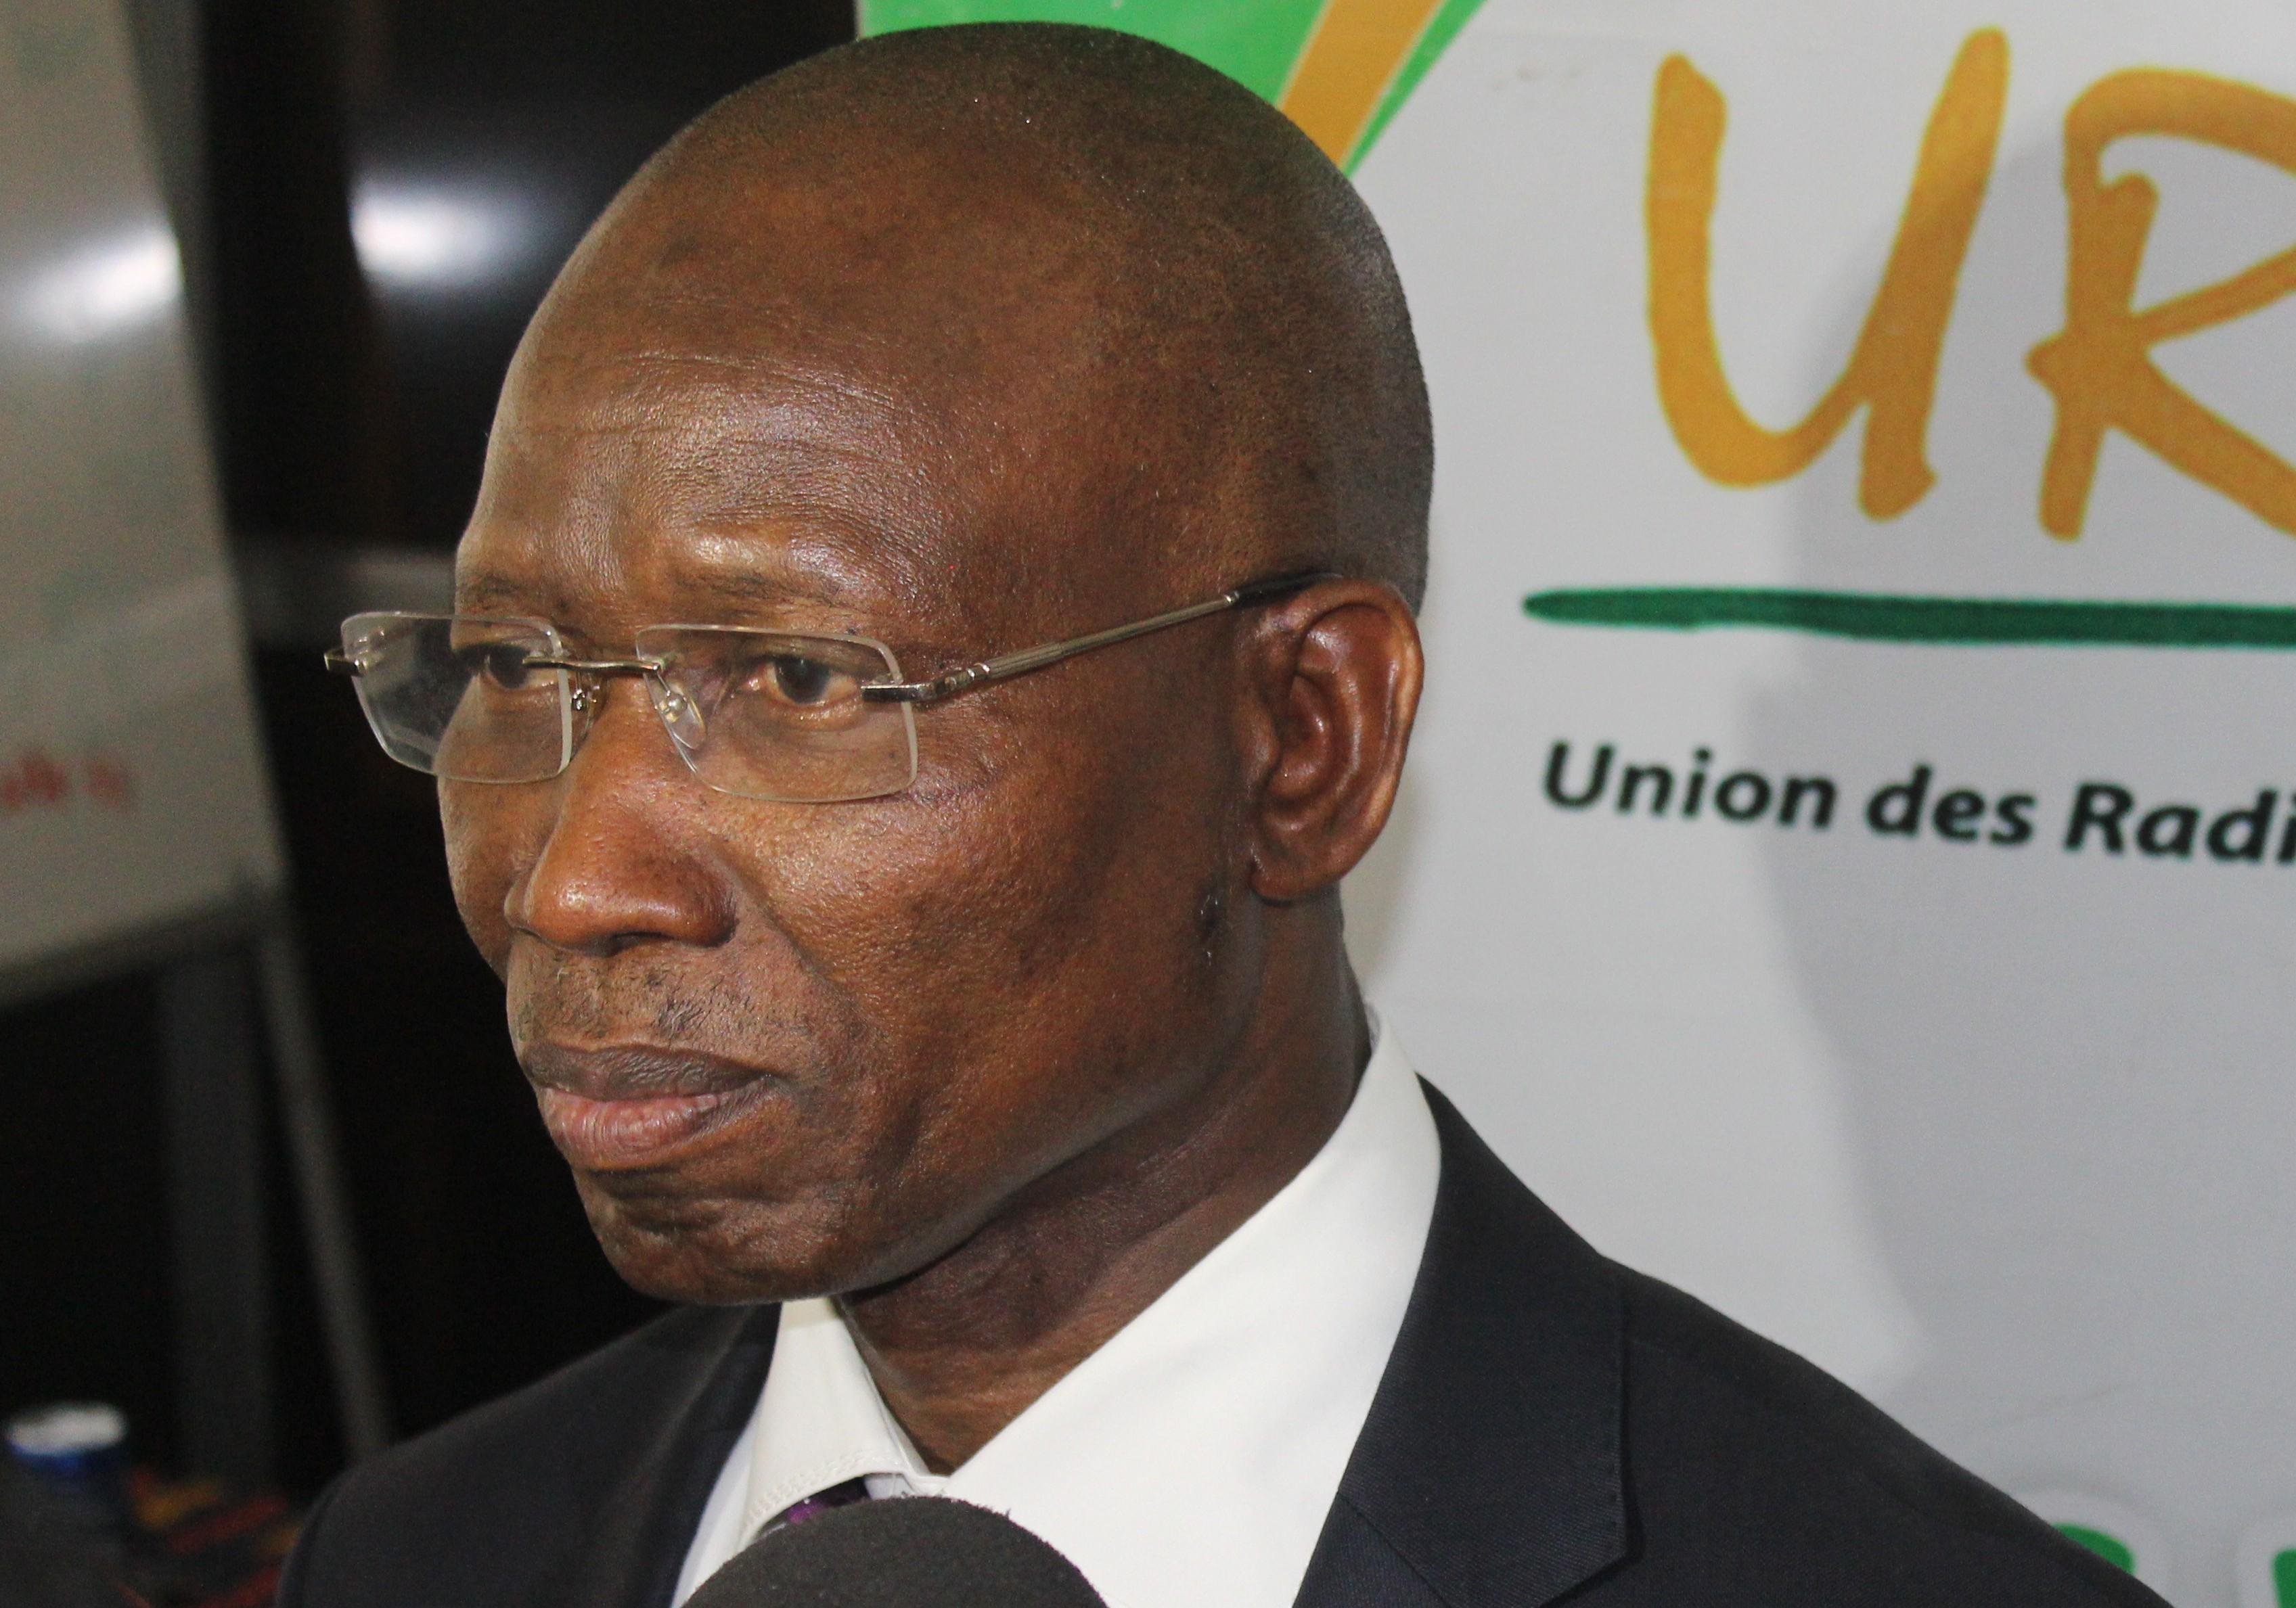 Côte d'Ivoire,Rdaio Synergie URPCI,Ambassade des Etats Unis